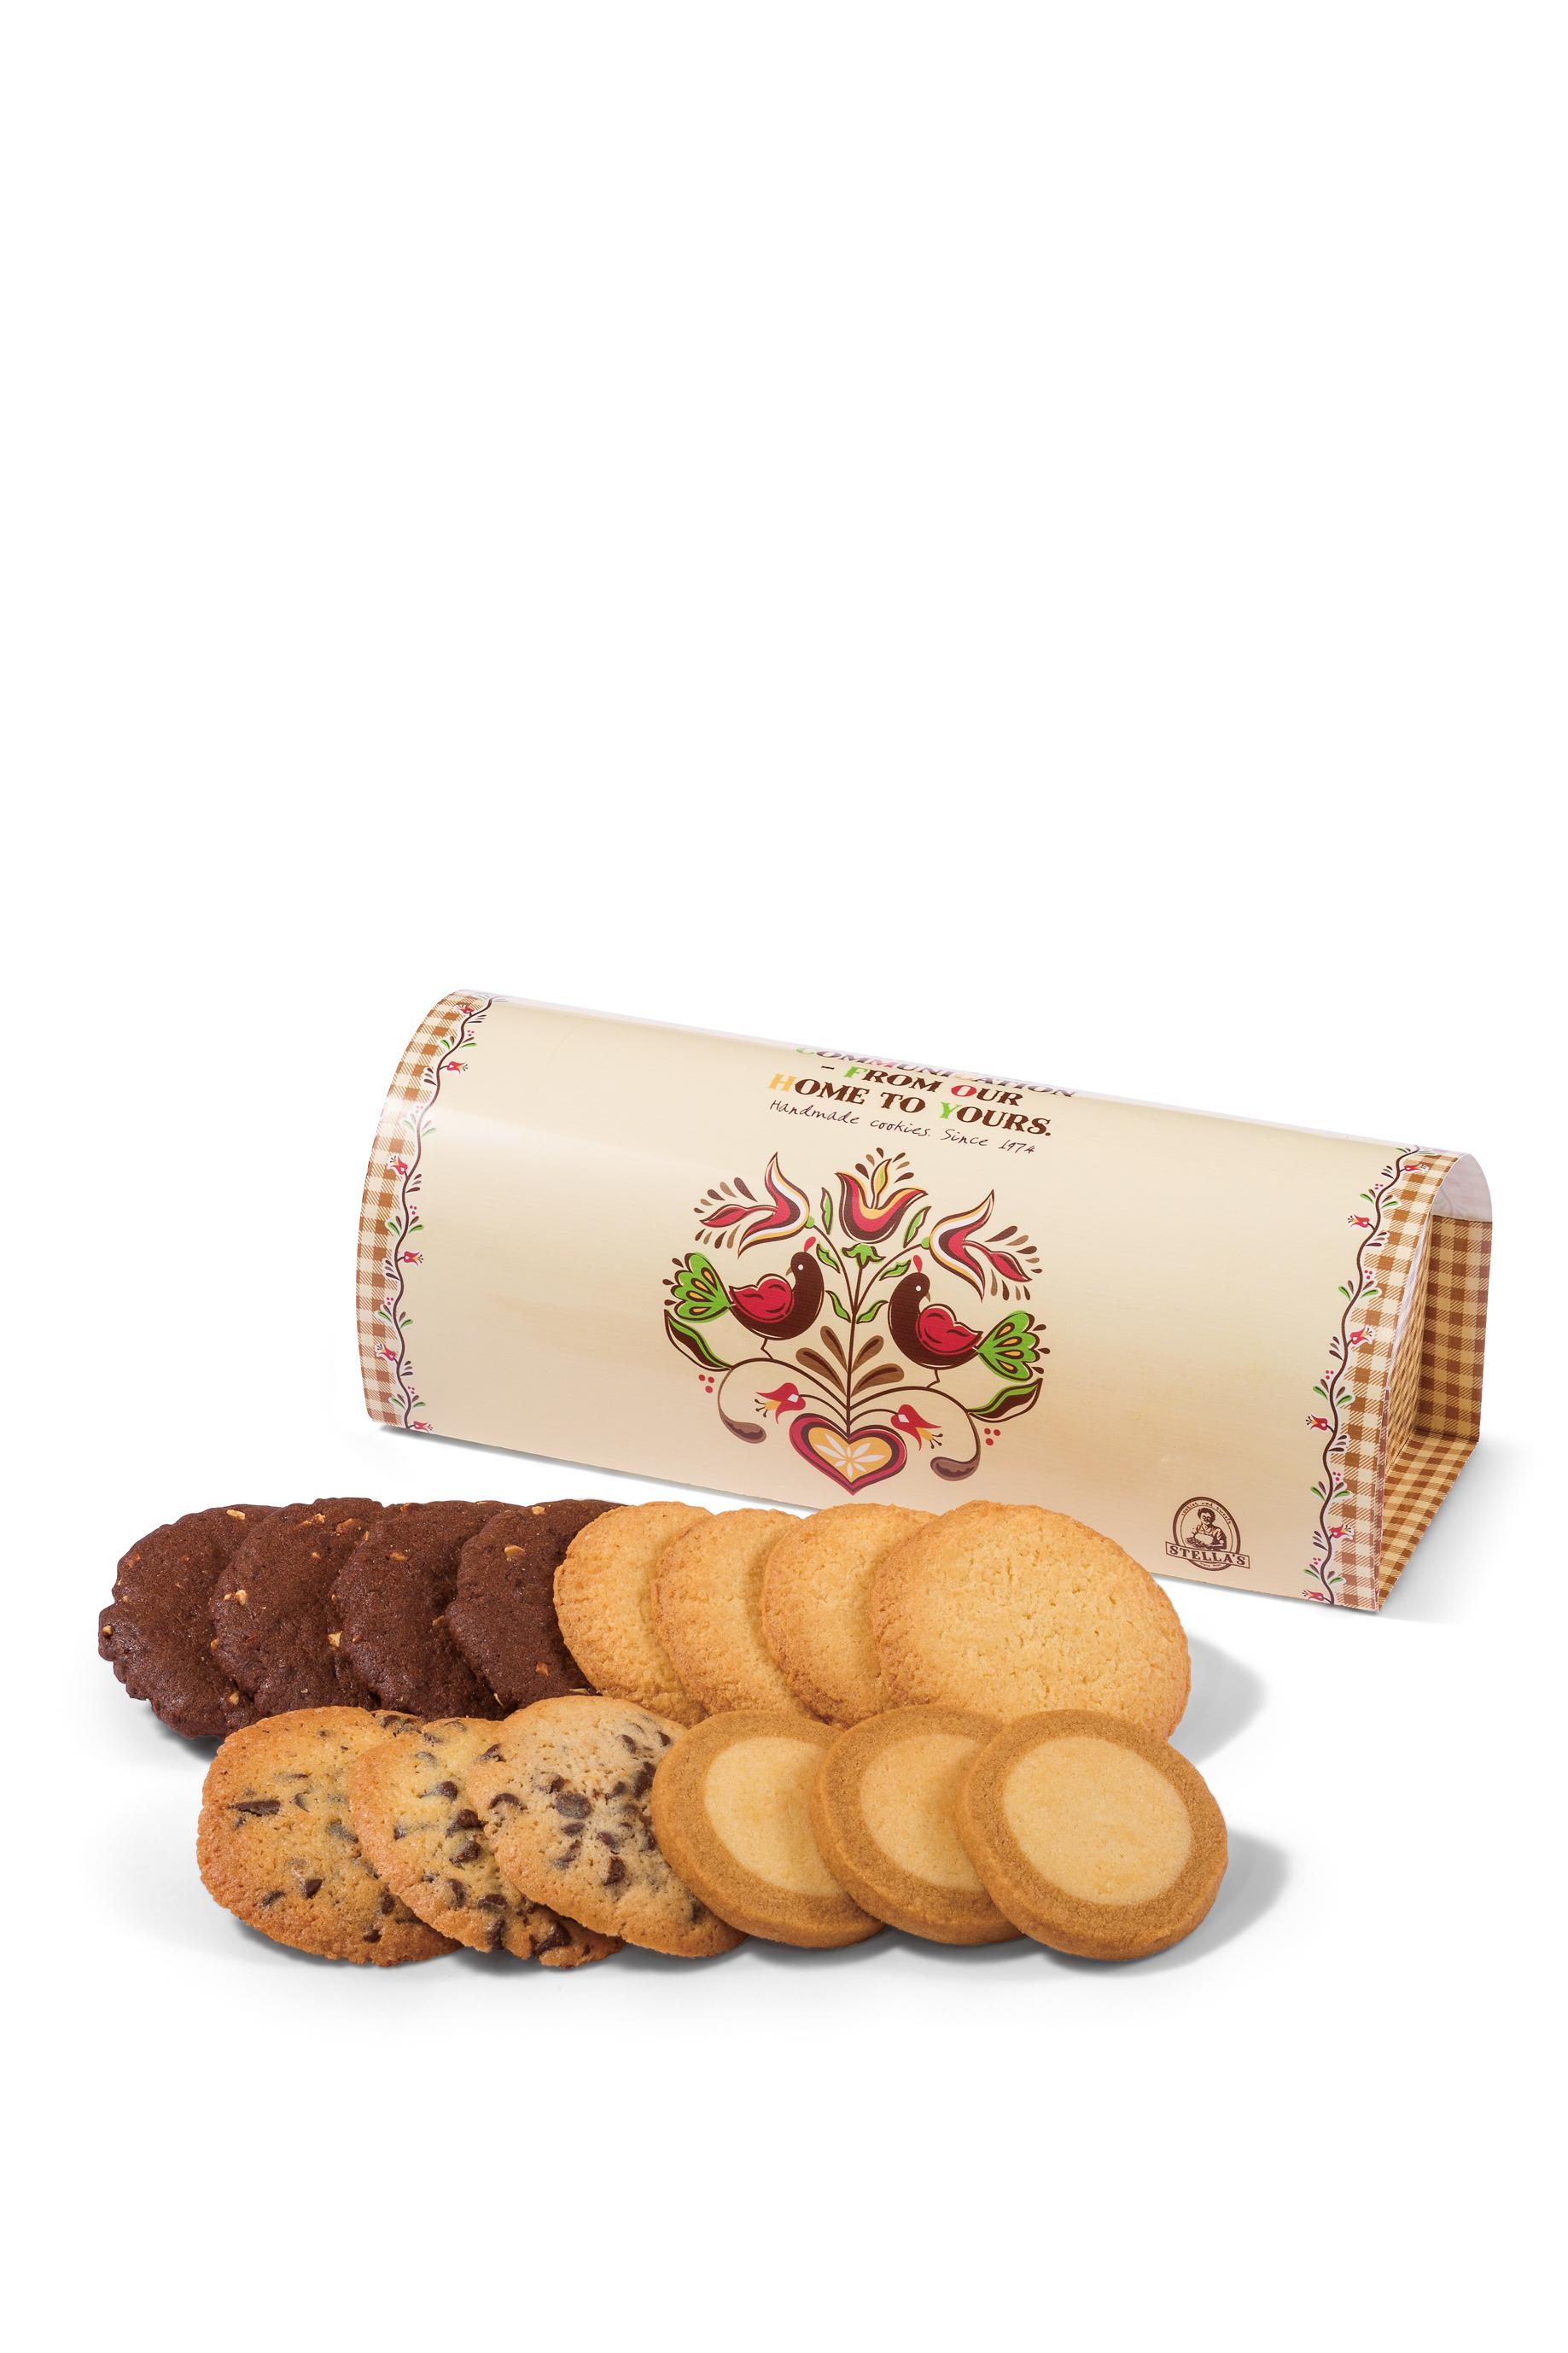 アントステラ ステラおばさんのクッキーの画像